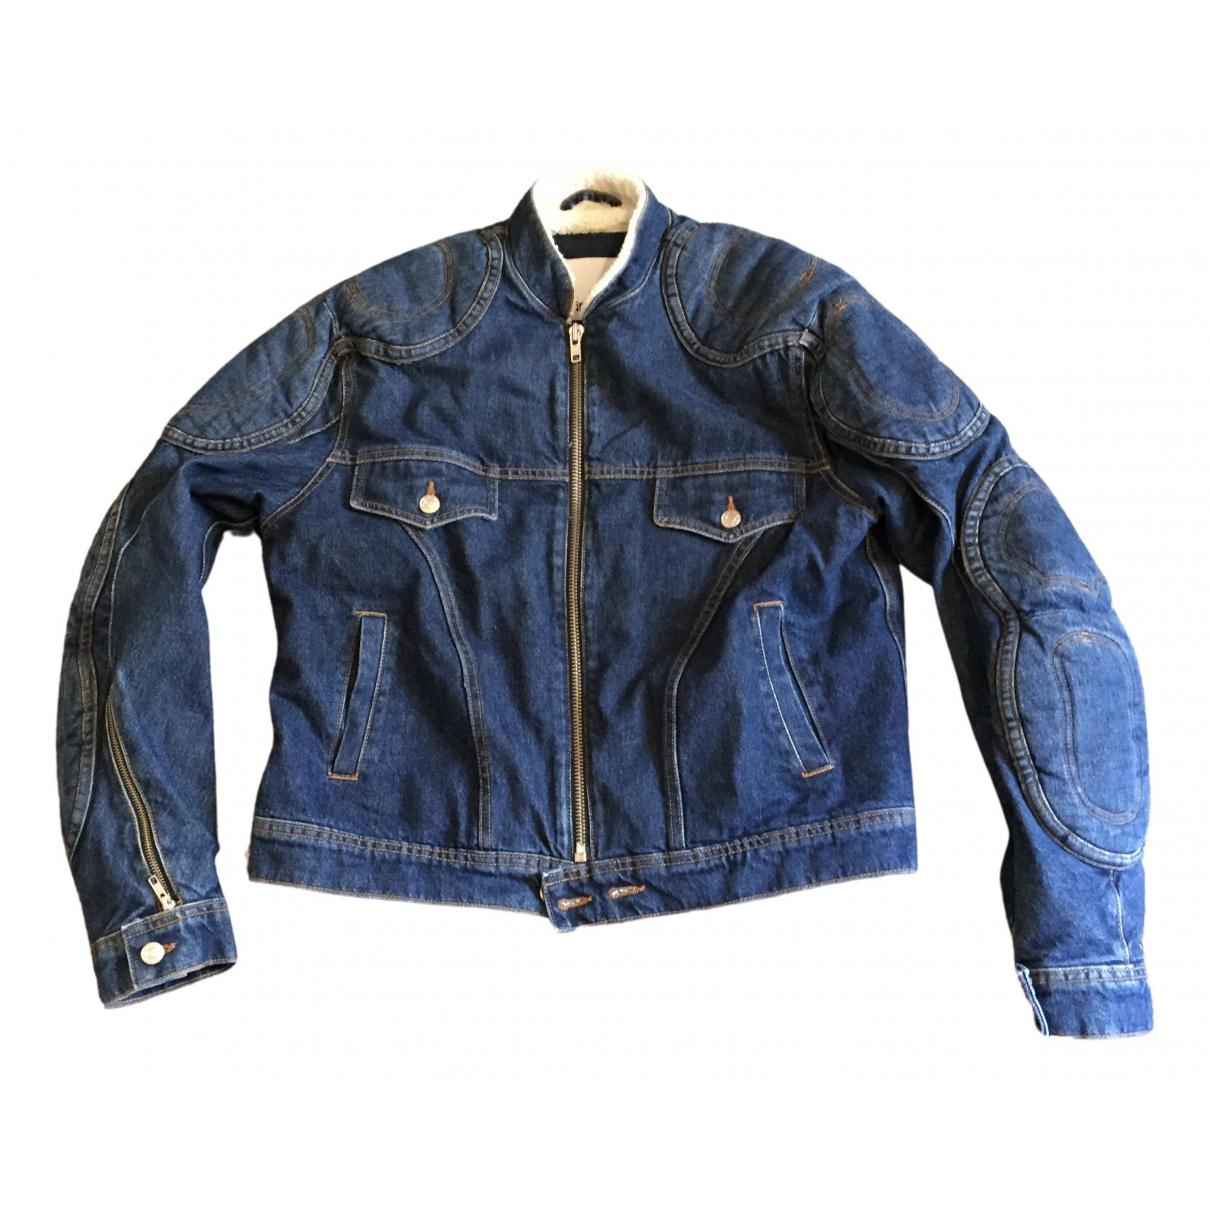 Gmbh \N Jacke in  Blau Denim - Jeans